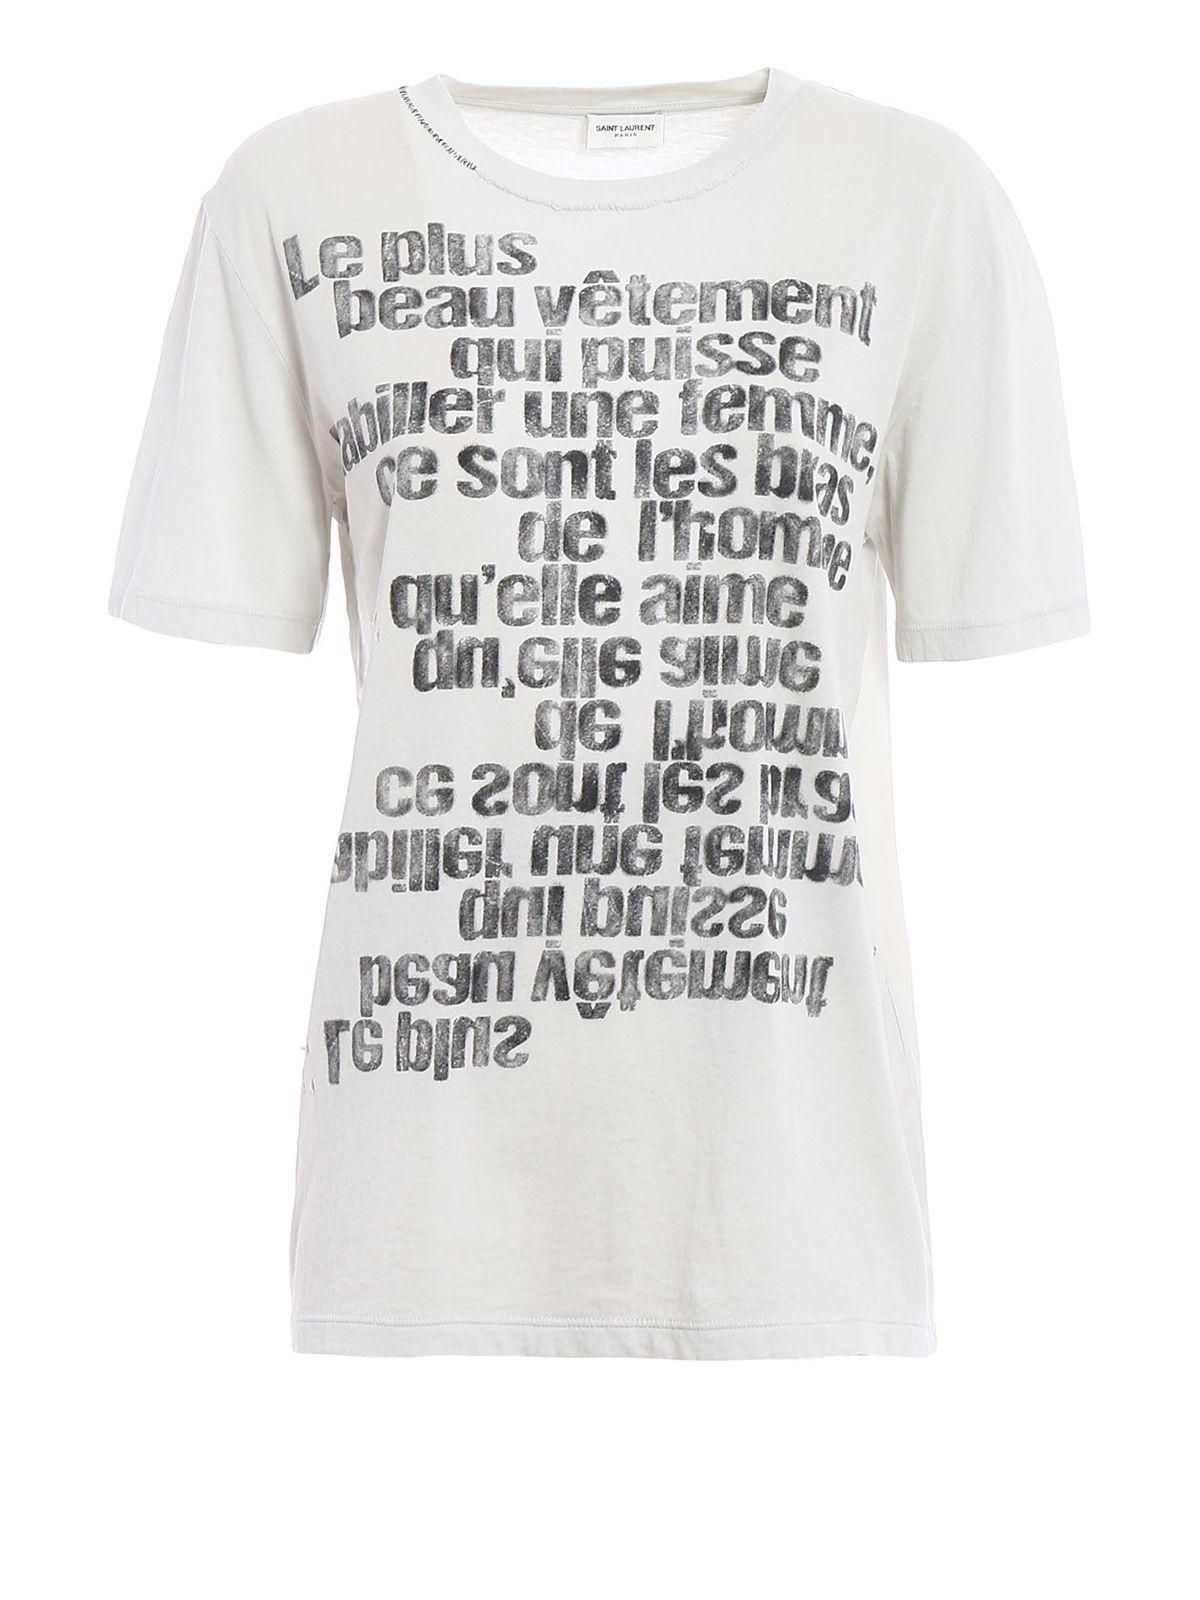 Saint laurent saint laurent mirrored slogan print t for Saint laurent shirt womens